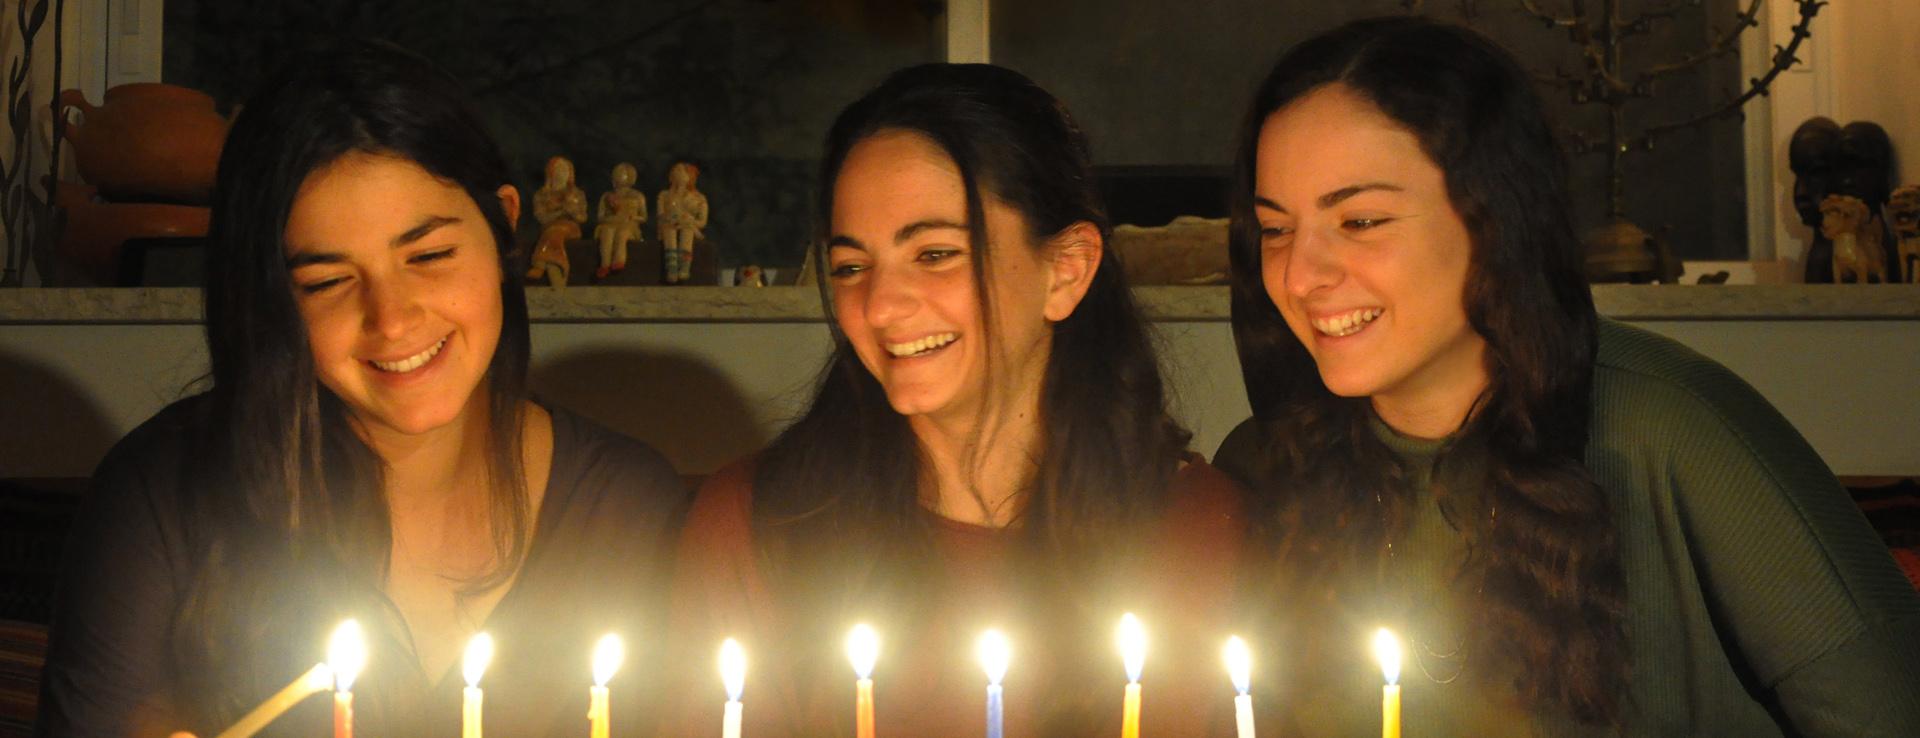 בנות שתרוג - חנוכה 2020 - חנוכייה - יואל שתרוג - אדמה יוצרת - yoel sitruk